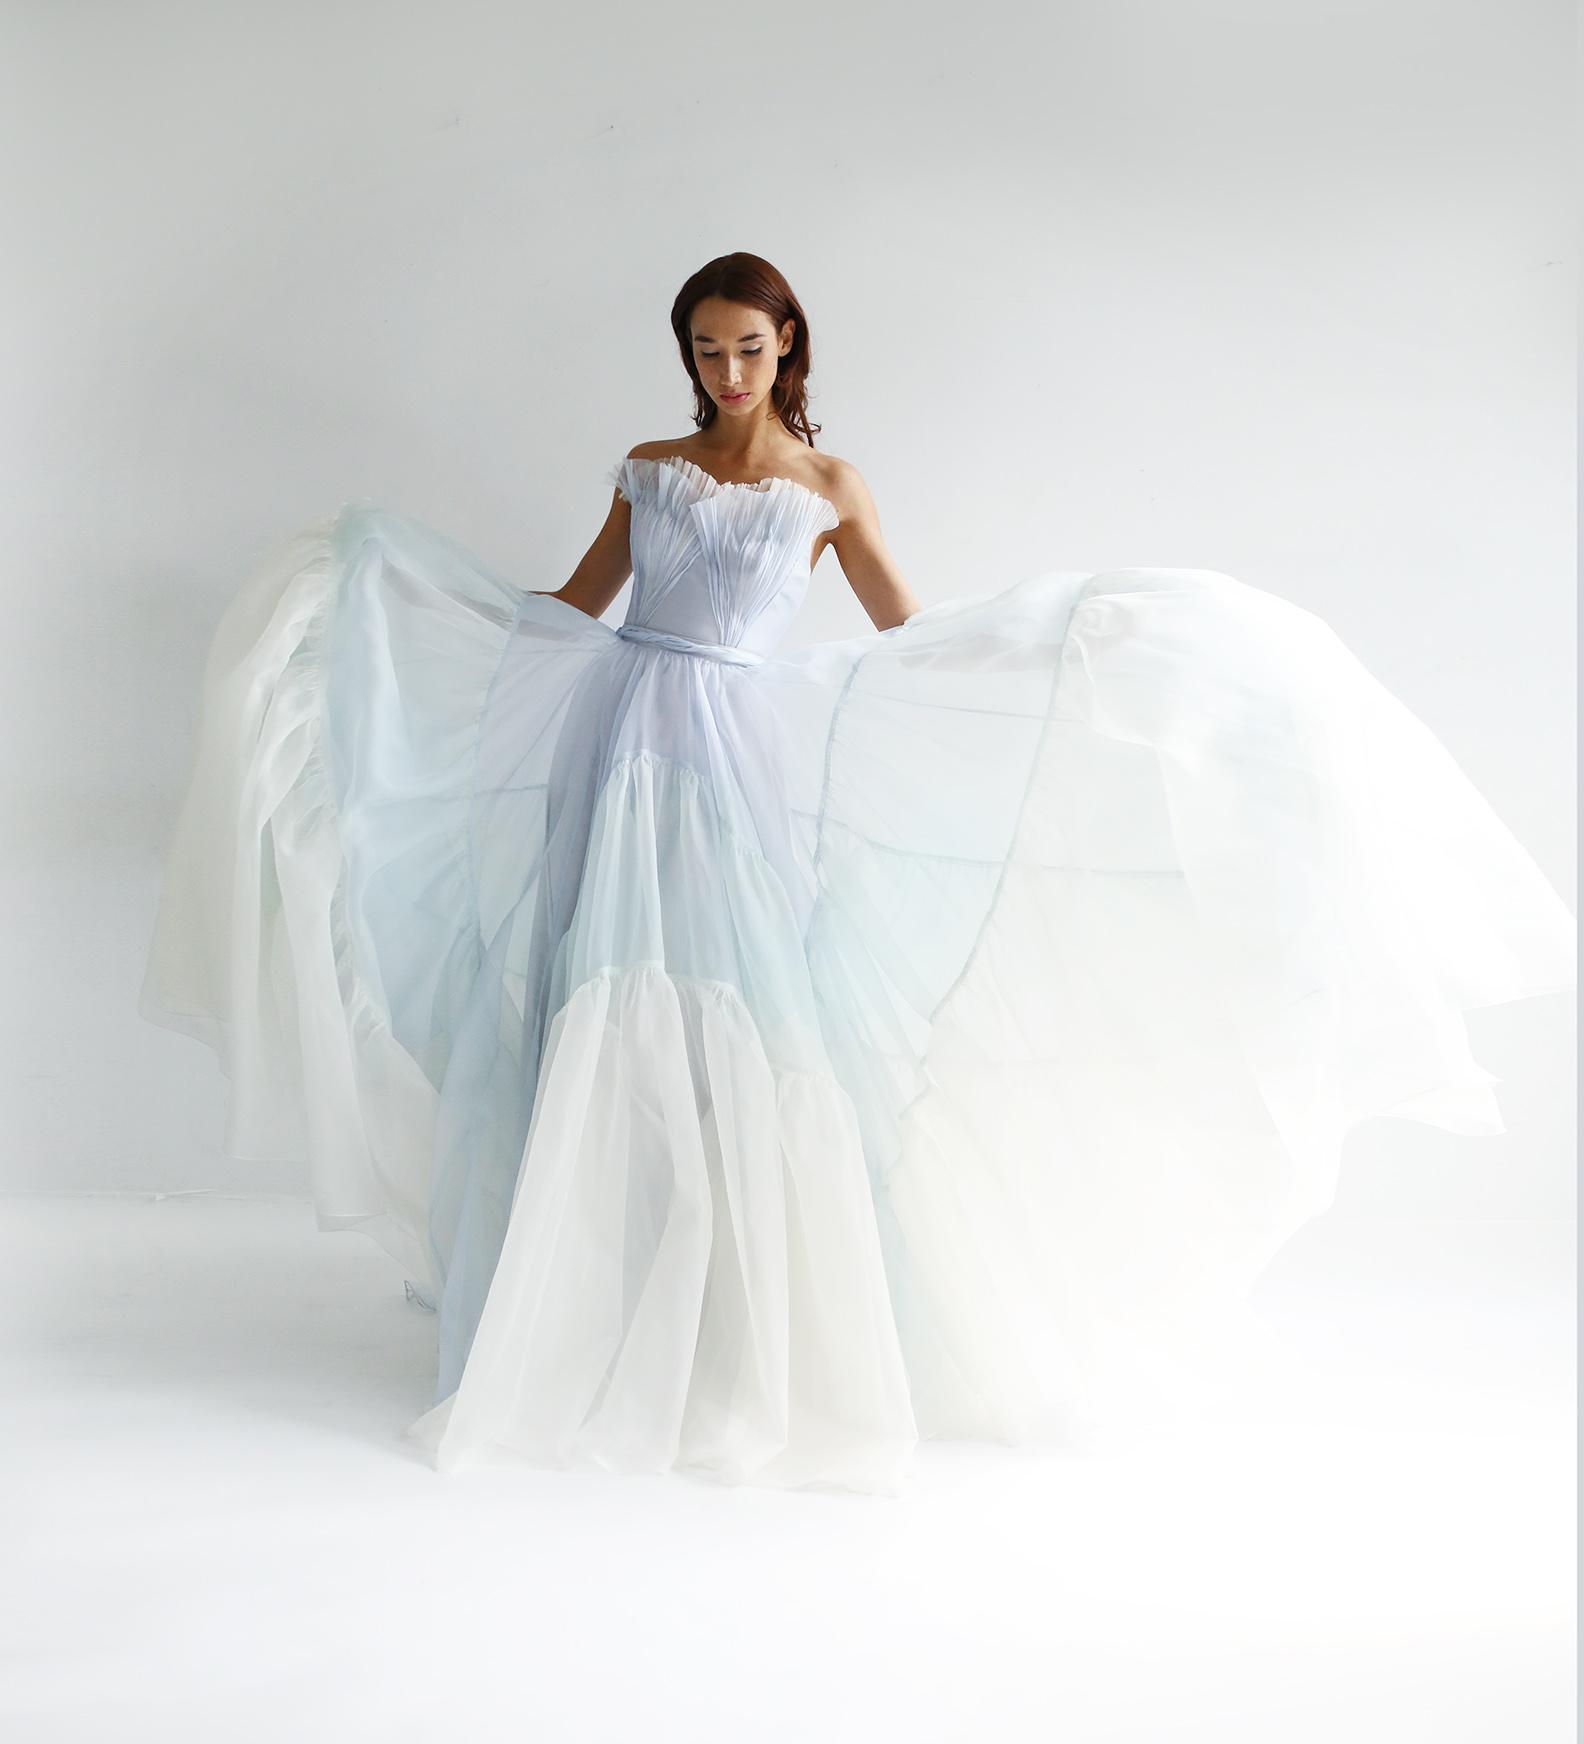 leanne-marshall-bridal-15.jpg